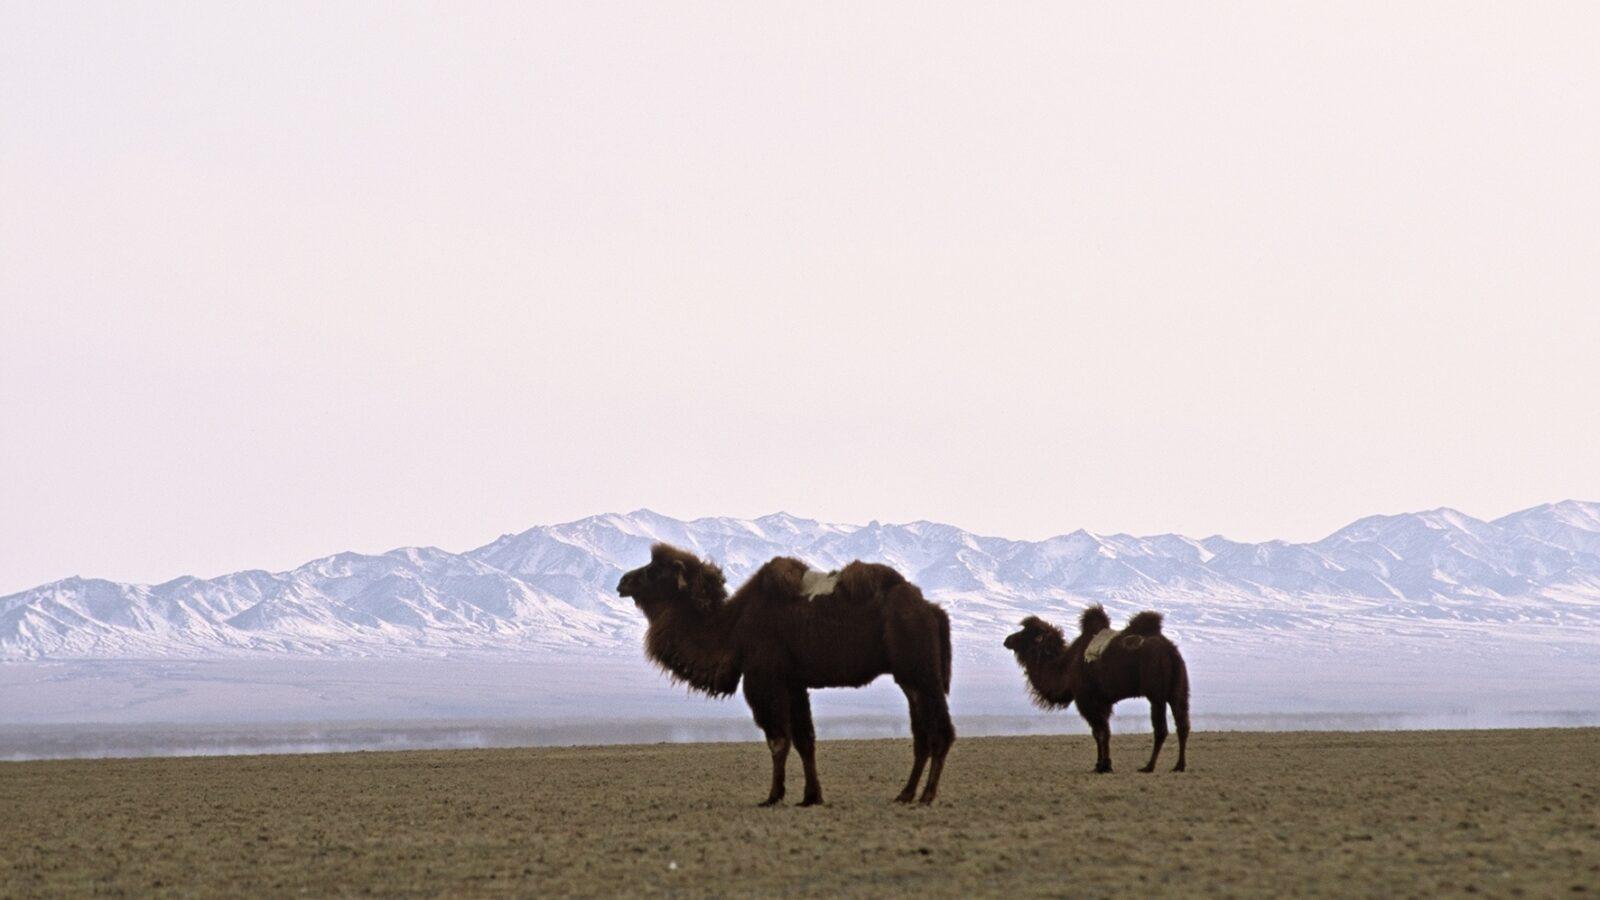 Camels and Landscape 672